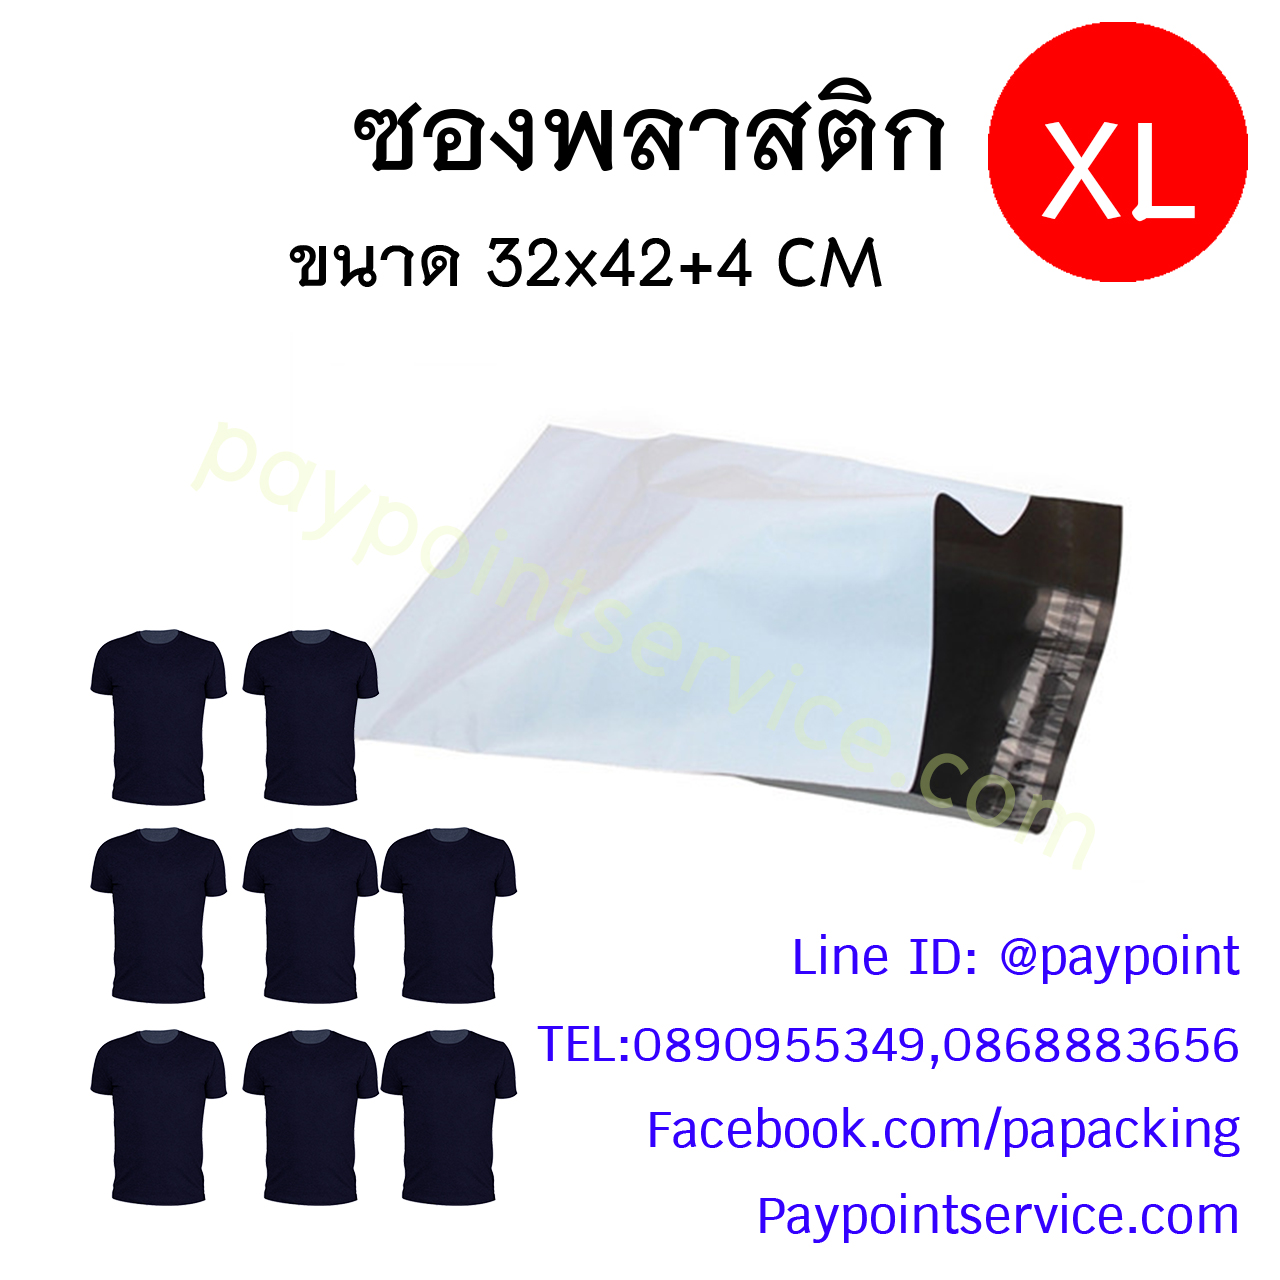 ซองไปรษณีย์พลาสติก เบอร์ XL:32*45 cm 190฿/แพ็ค (เฉลี่ยใบล่ะ 3.8 บาท)